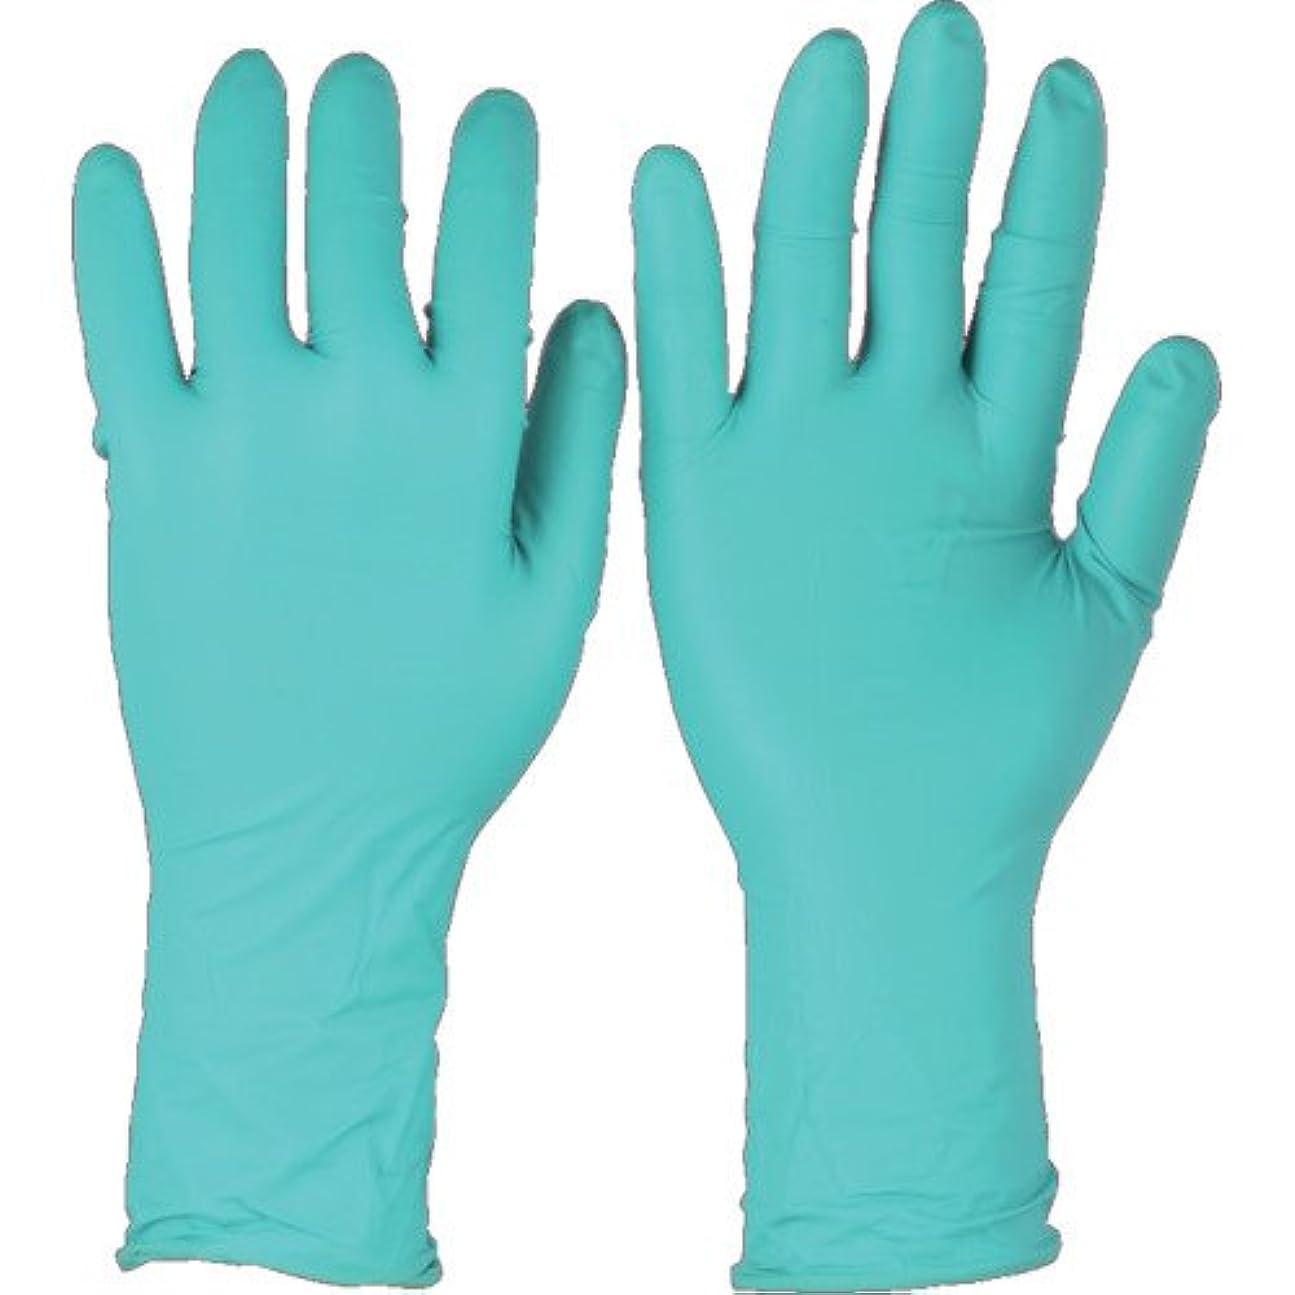 申込み予想外時制トラスコ中山 アンセル ネオプレンゴム使い捨て手袋 マイクロフレックス 93-260 XSサイズ (50枚入)  932606